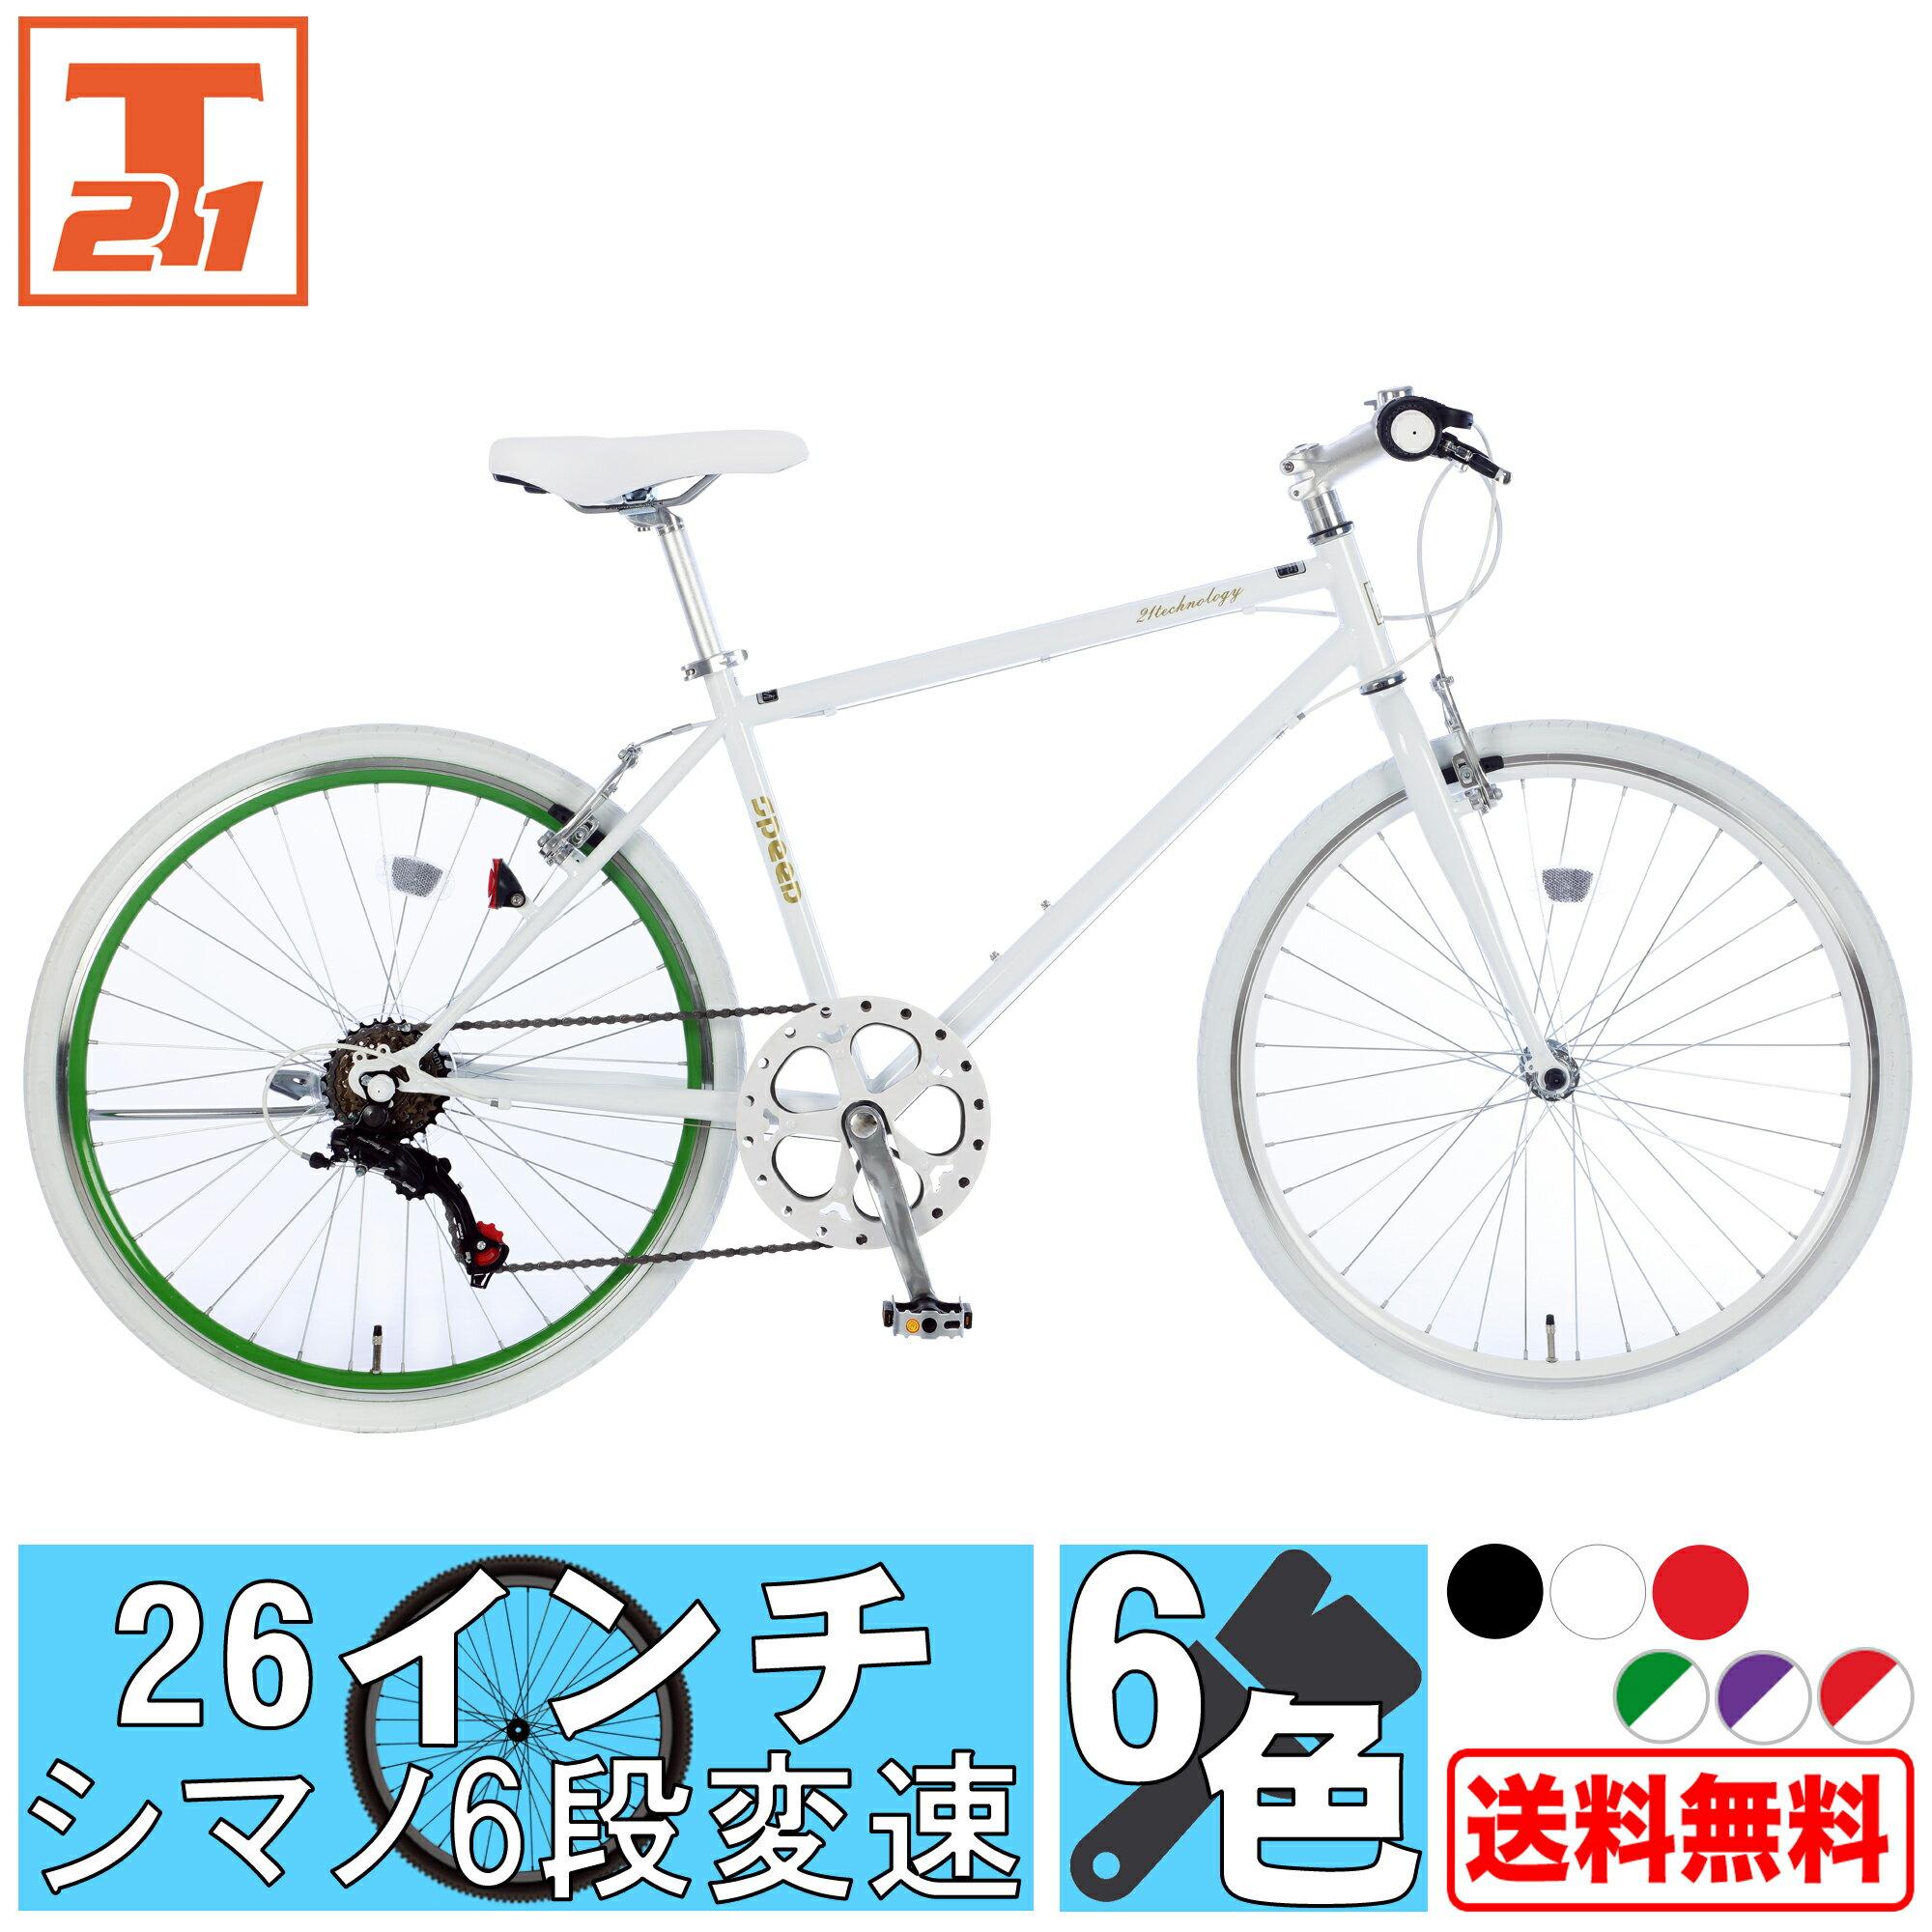 全品ポイント2倍+300円OFFクーポンクロスバイクシマノ製6段変速26インチ 軽量自転車じてんしゃ